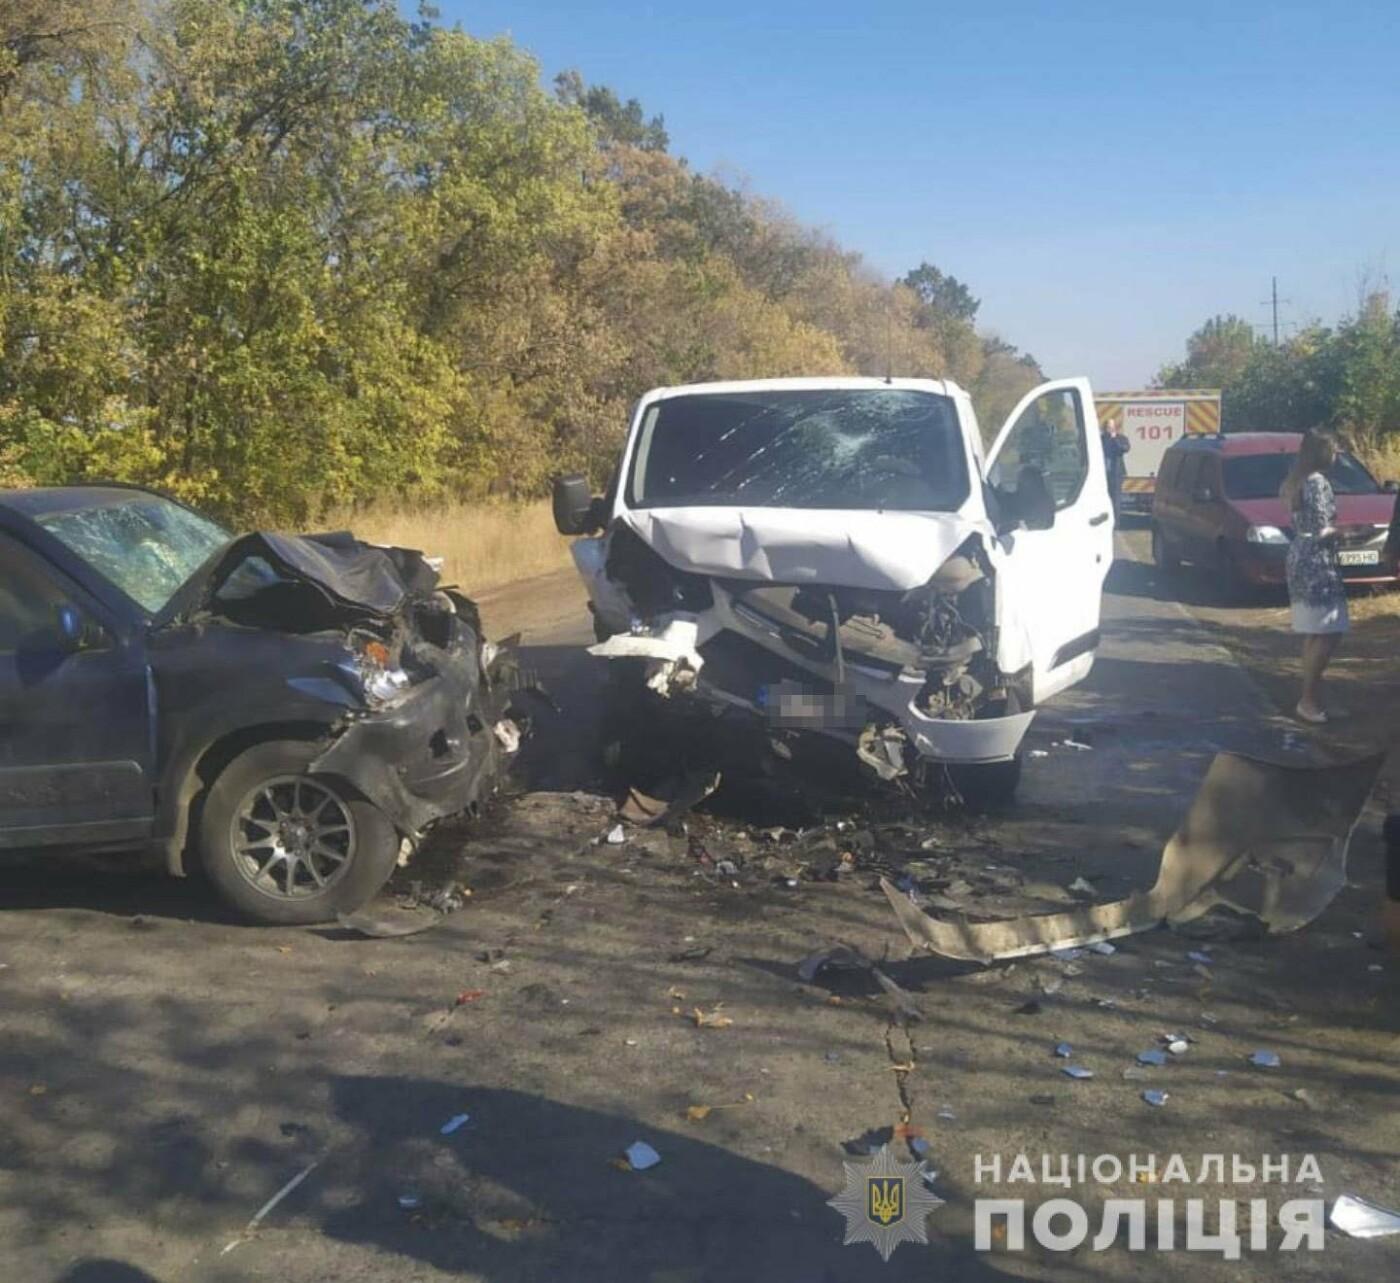 Под Харьковом автобус врезался в легковое авто. Один из пассажиров погиб, - ФОТО, фото-3